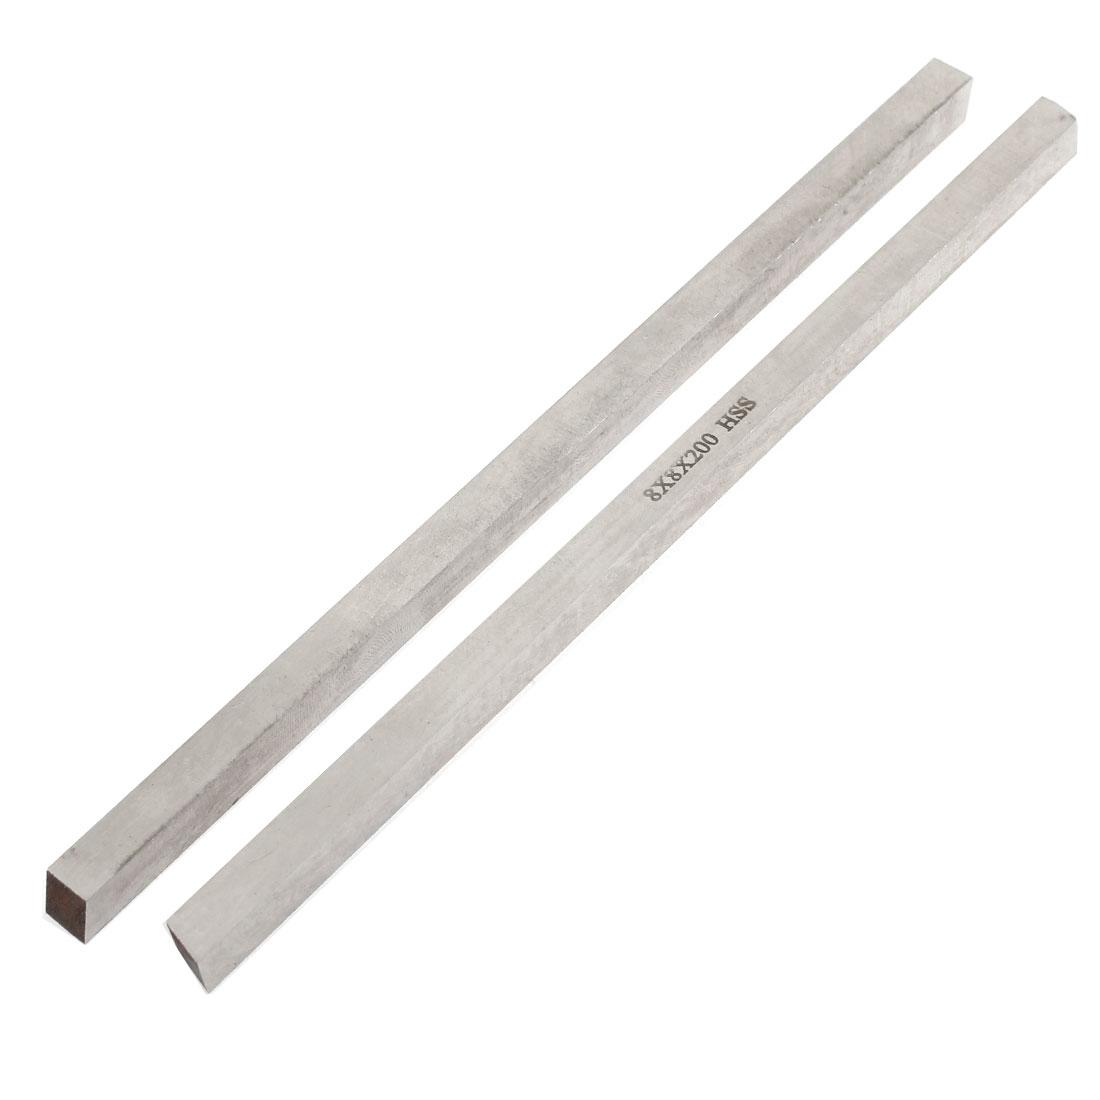 CNC Lathe HSS Bit Cutting Boring Bar Cutter Tool 8mmx8mmx200mm 2pcs